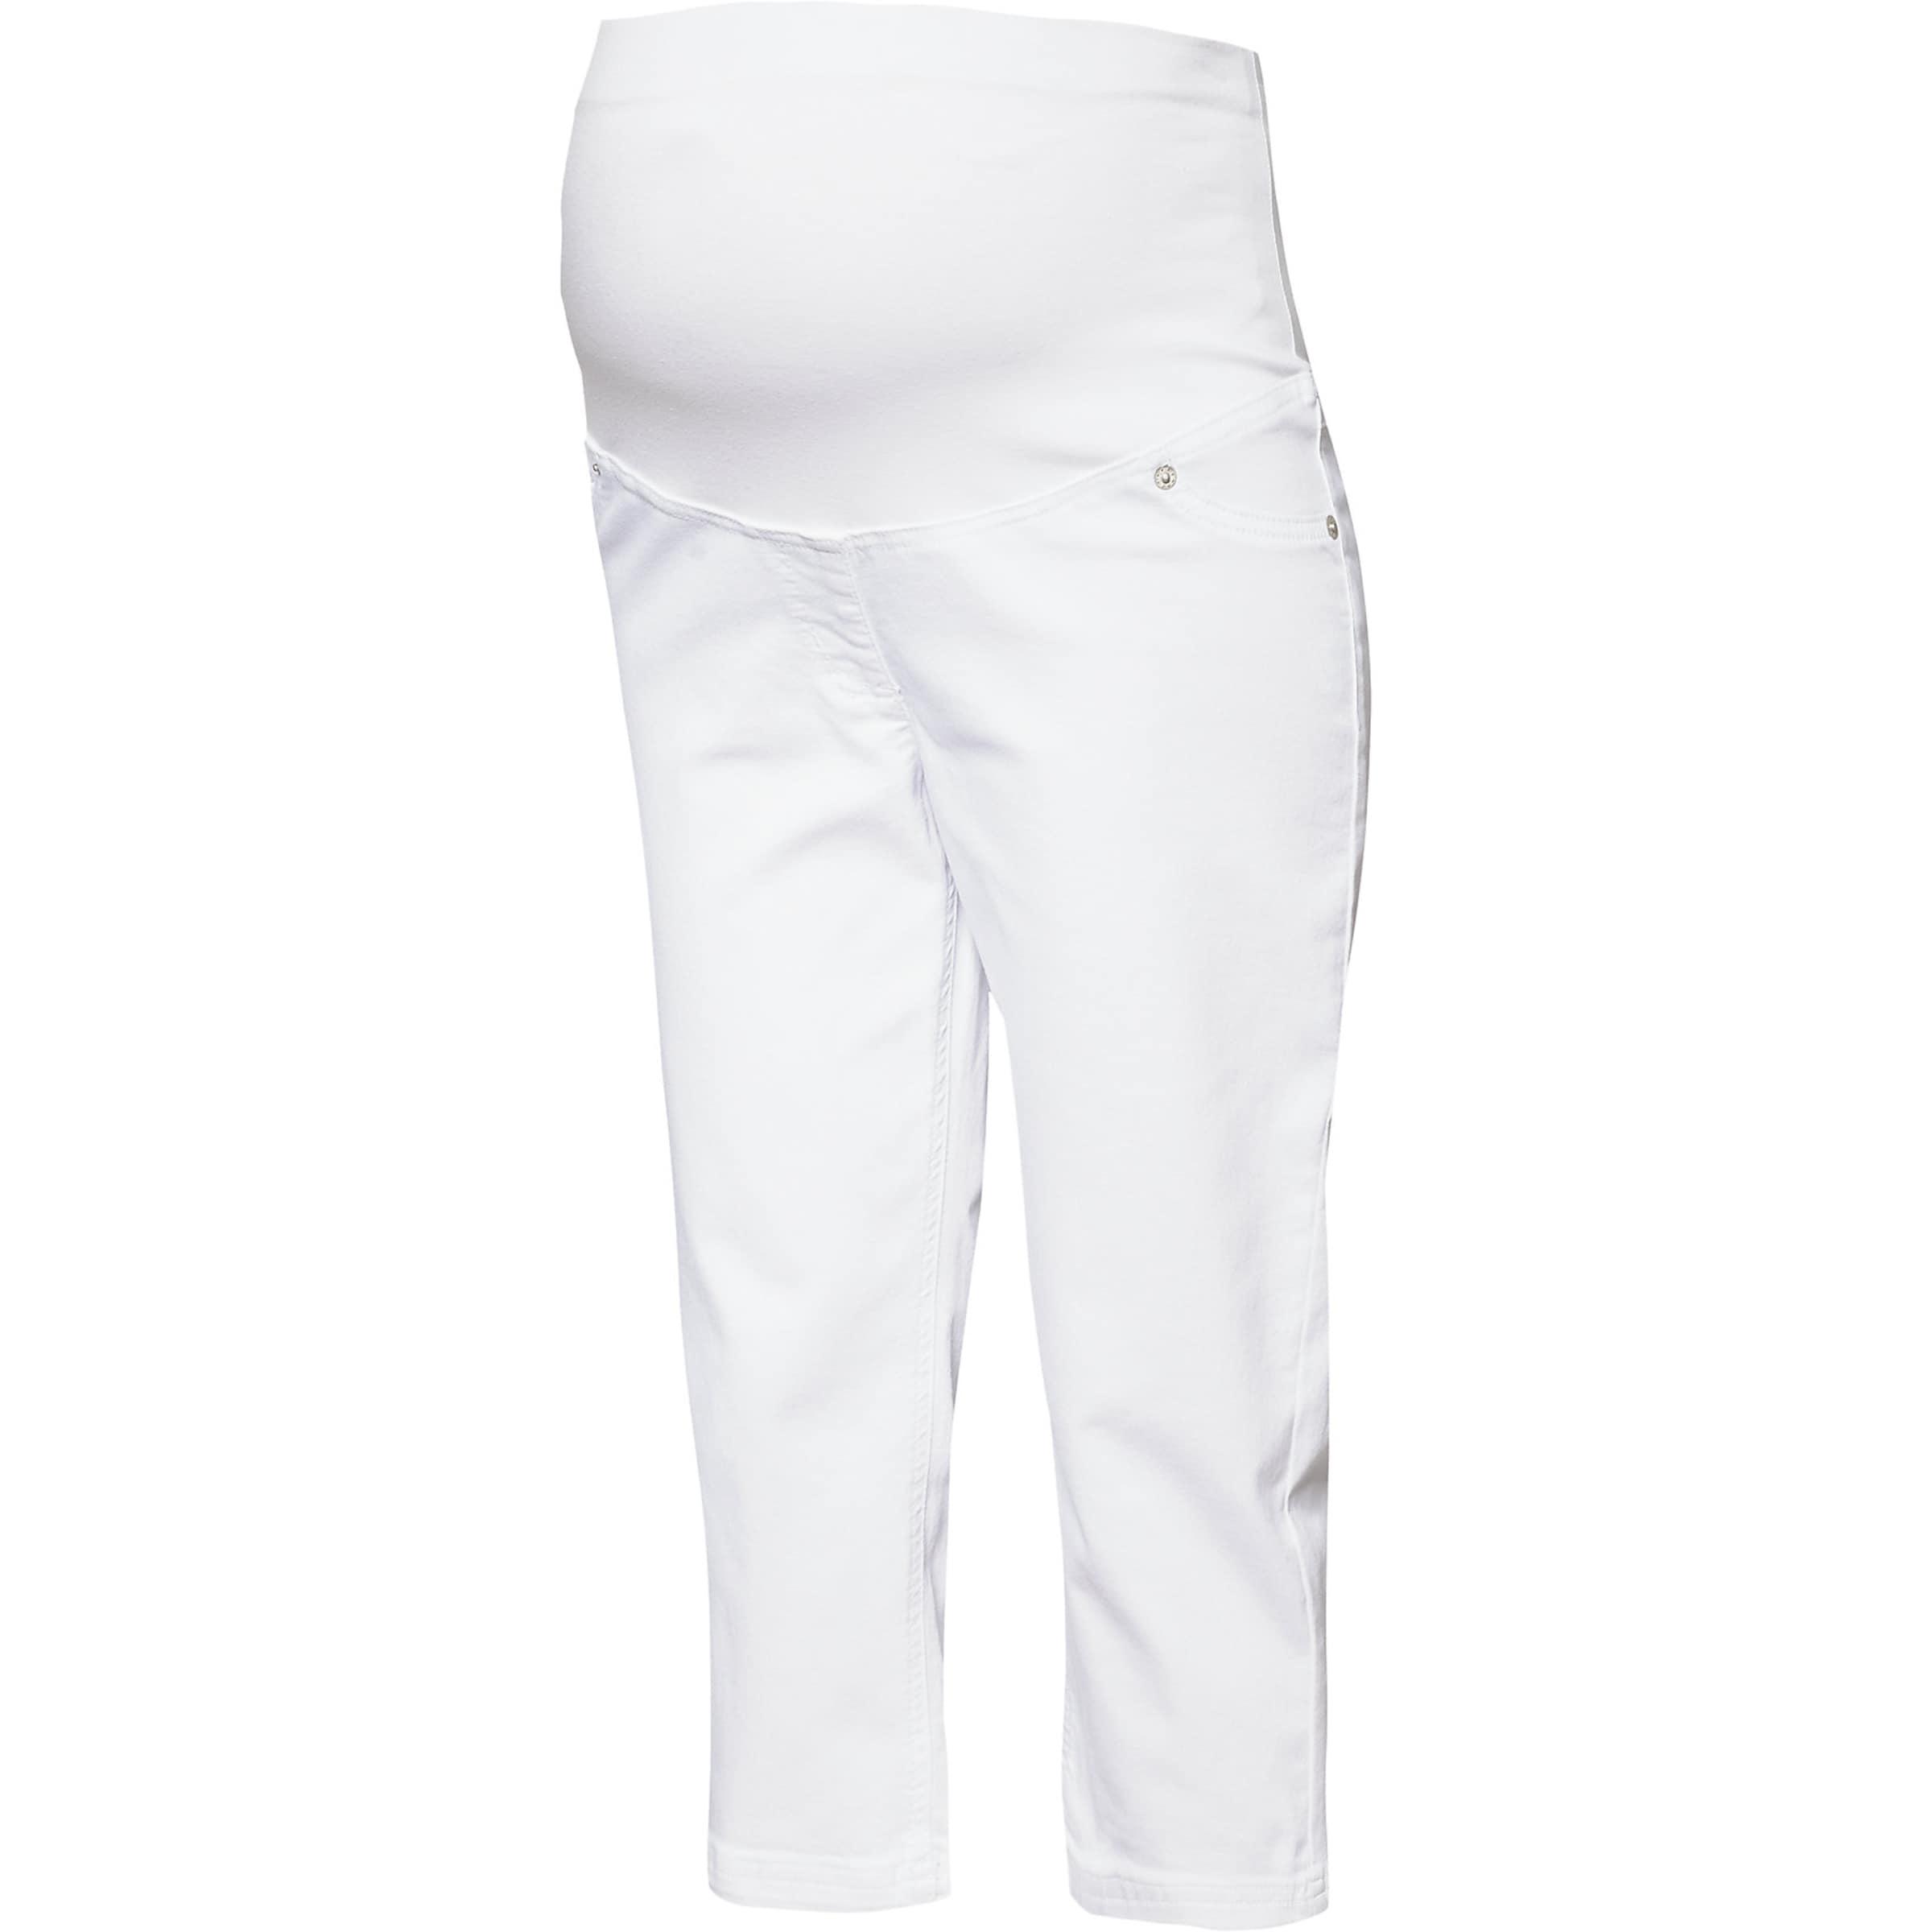 Bébé In Weiß Maman Jojo Jeans AL4Rj35q